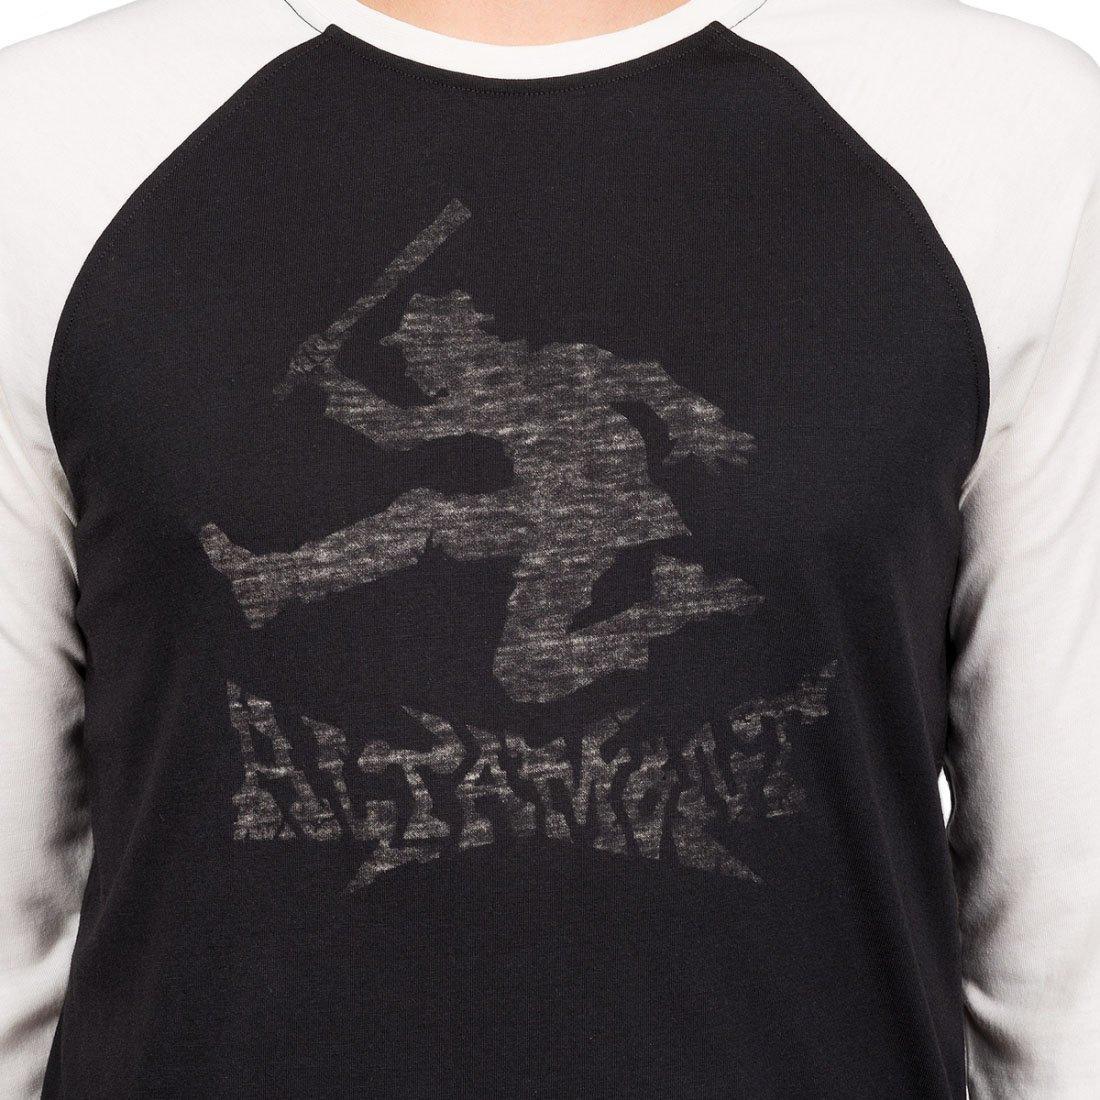 229e9c756 Altamont - Black Moral Panic Raglan for Men - Lyst. View fullscreen